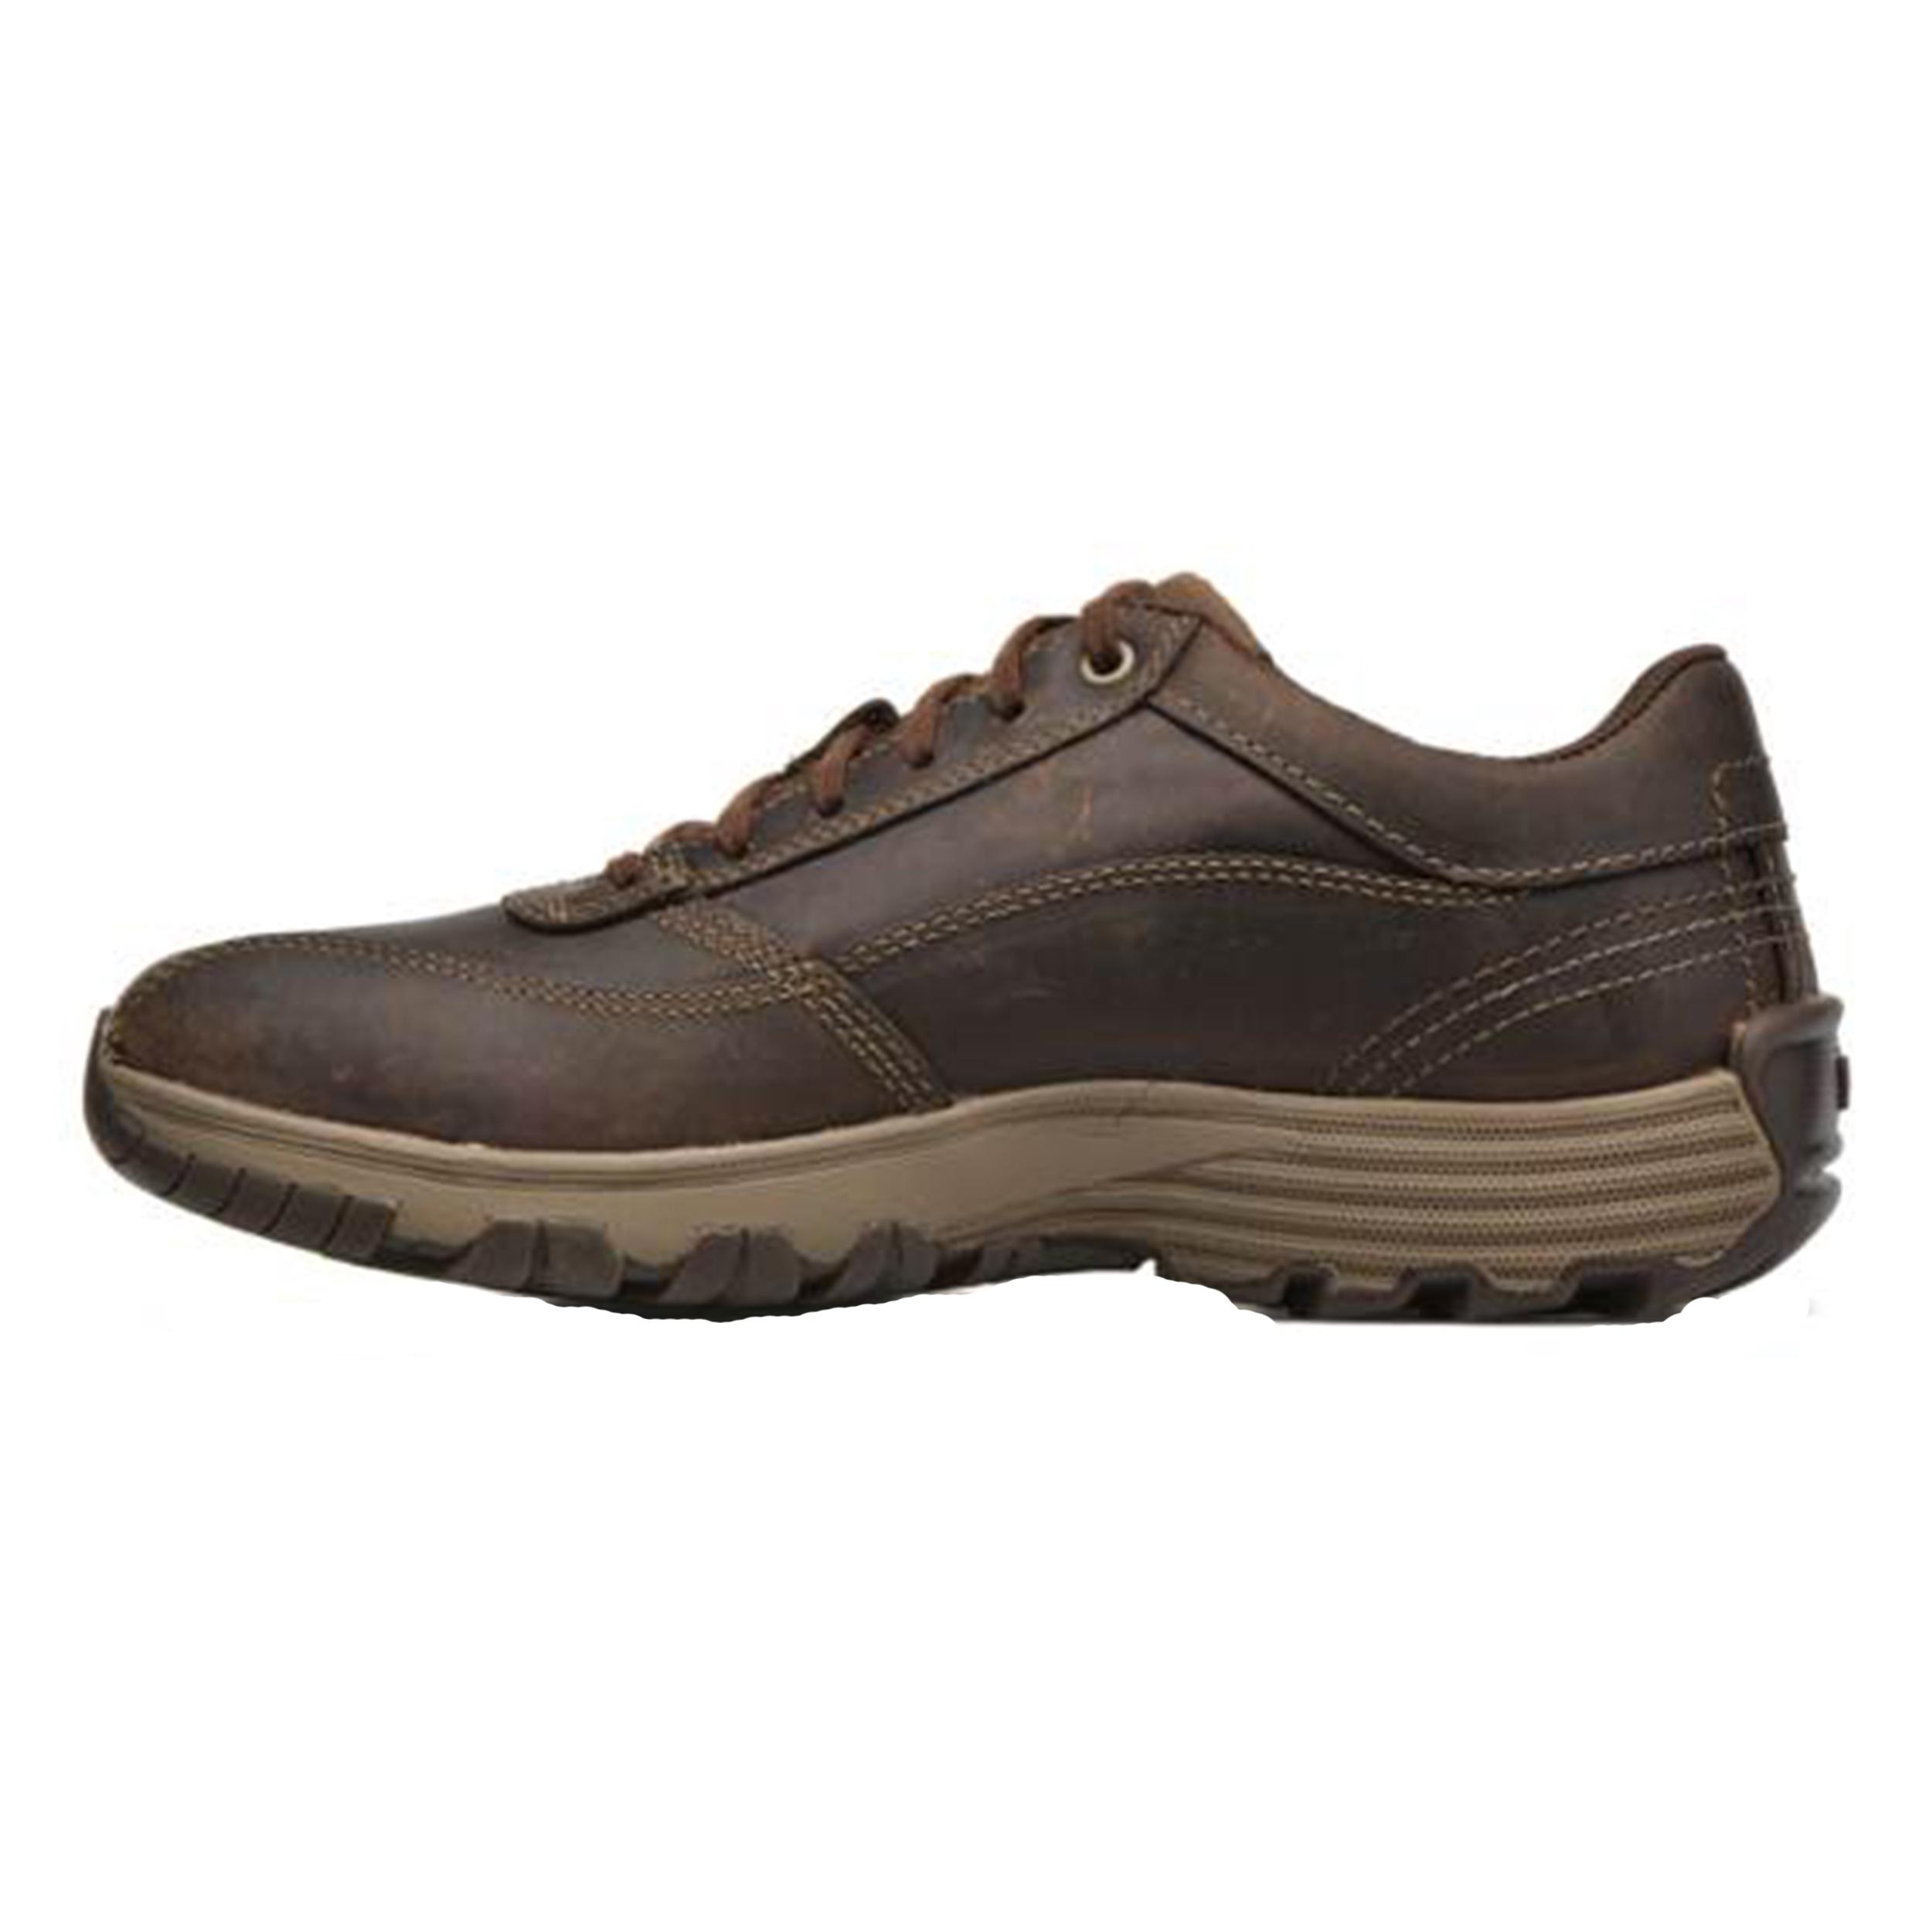 قیمت کفش مخصوص پیاده روی مردانه کاترپیلار مدل 720706